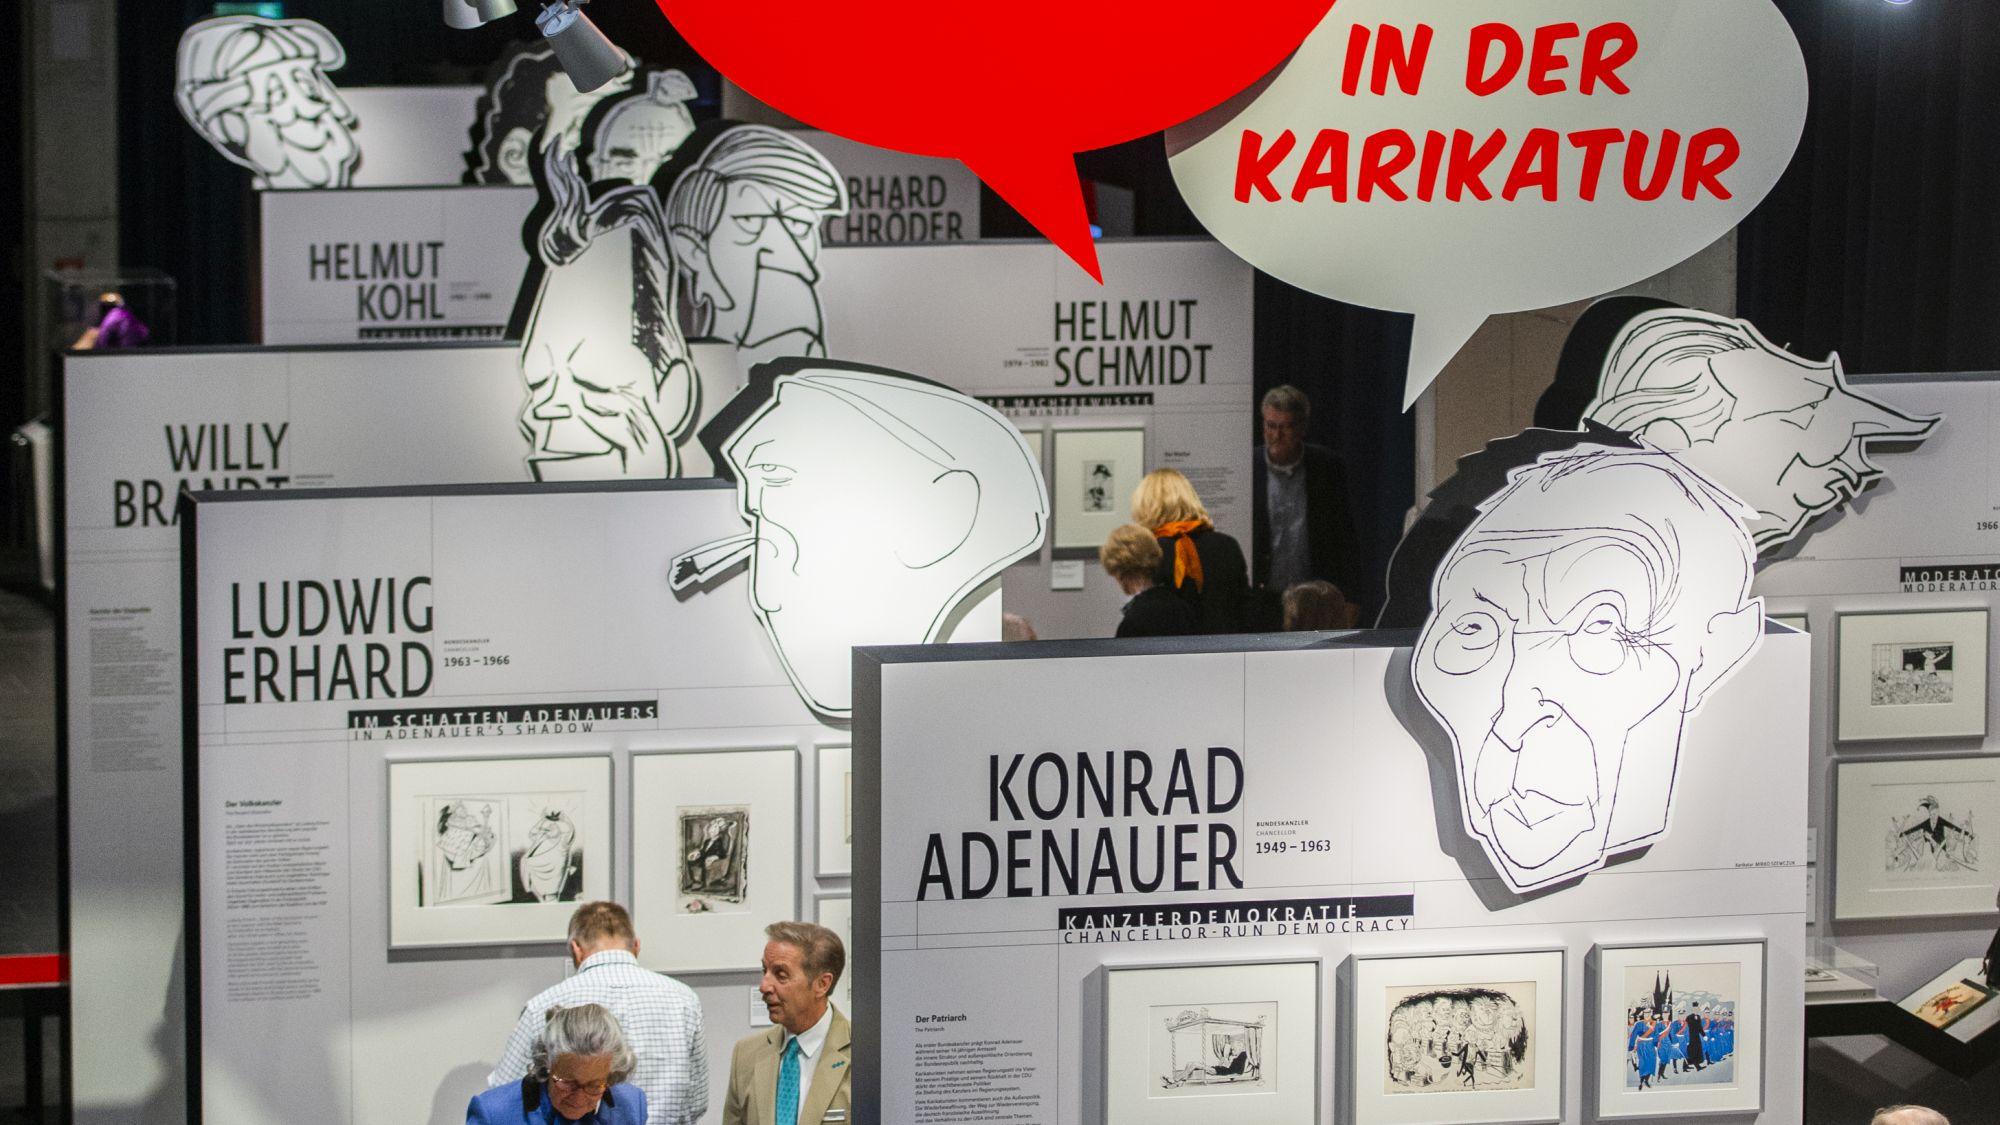 Vogelperspektive auf die Ausstellung mit großen Karikaturen der deutschen Bundeskanzler.